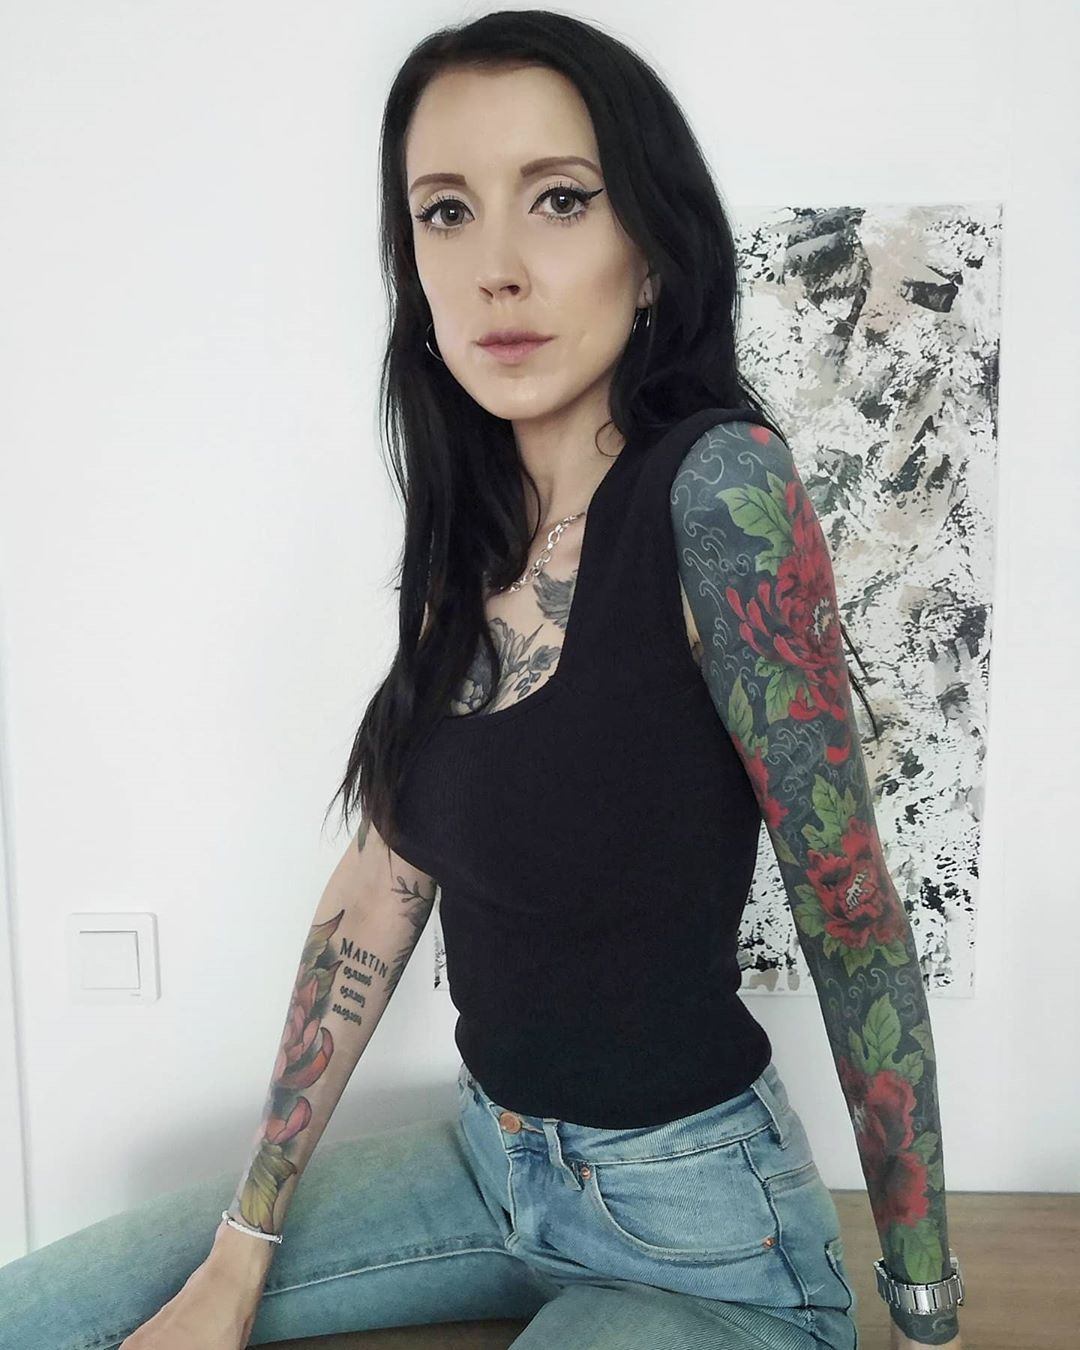 """𝙼𝙰𝙳𝙴𝙻𝙴𝙸𝙽𝙴 on Instagram: """"𝚆𝚊𝚒𝚝𝚒𝚗𝚐 𝚘𝚗 𝚝𝚑𝚘𝚜𝚎 happy 𝚍𝚊𝚢𝚜 𝚝𝚘 𝚌𝚘𝚖𝚎 𝚋𝚊𝚌𝚔 🥀 . . . . . . . . . . . . . #happyday #inkstagram #tattoosleeve #flowertattoo #depression…"""""""